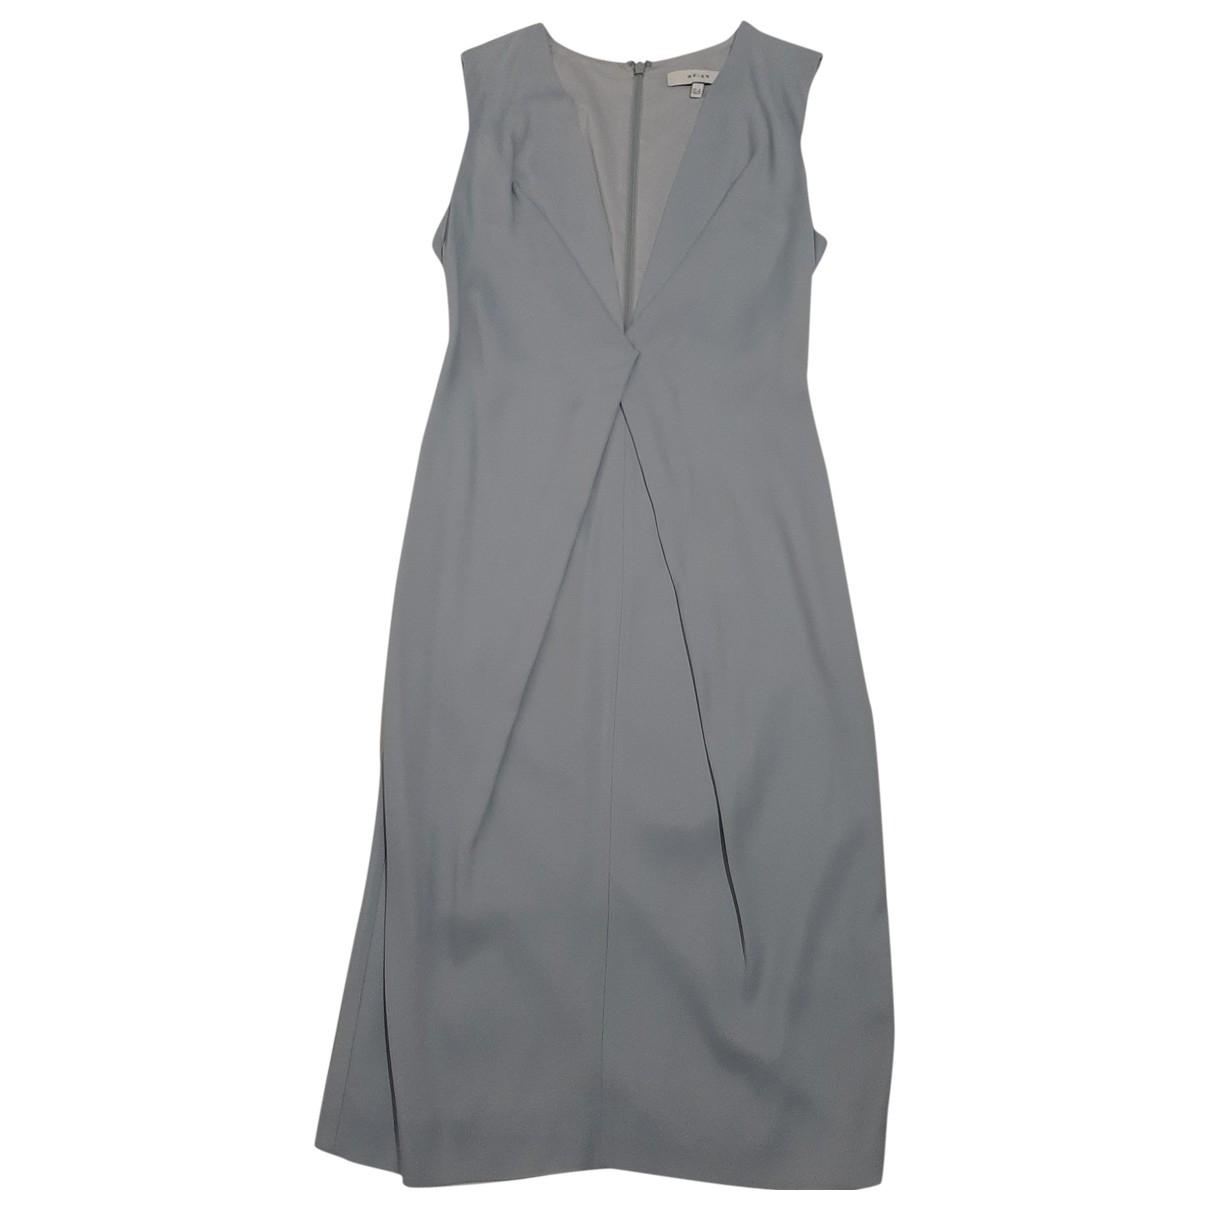 Reiss \N Silver dress for Women 36 FR